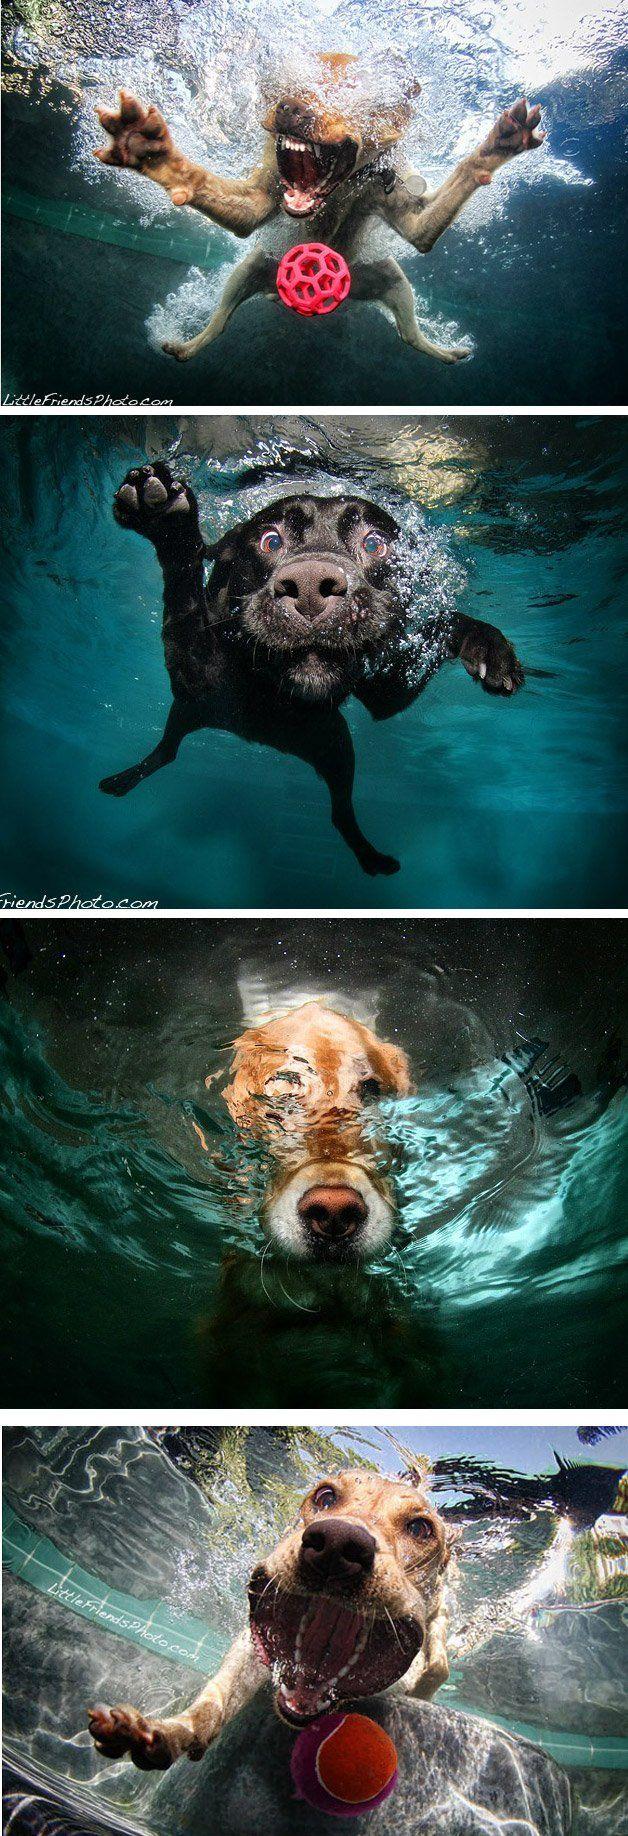 O fotógrafoSeth Casteel criou esse ensaio sensacional de cachorros mergulhando, com as fotos tiradas de dentro d'água.A série deu em livro e você pode acompanhar o fotógrafo, apaixonado por cachorros, no Facebook.